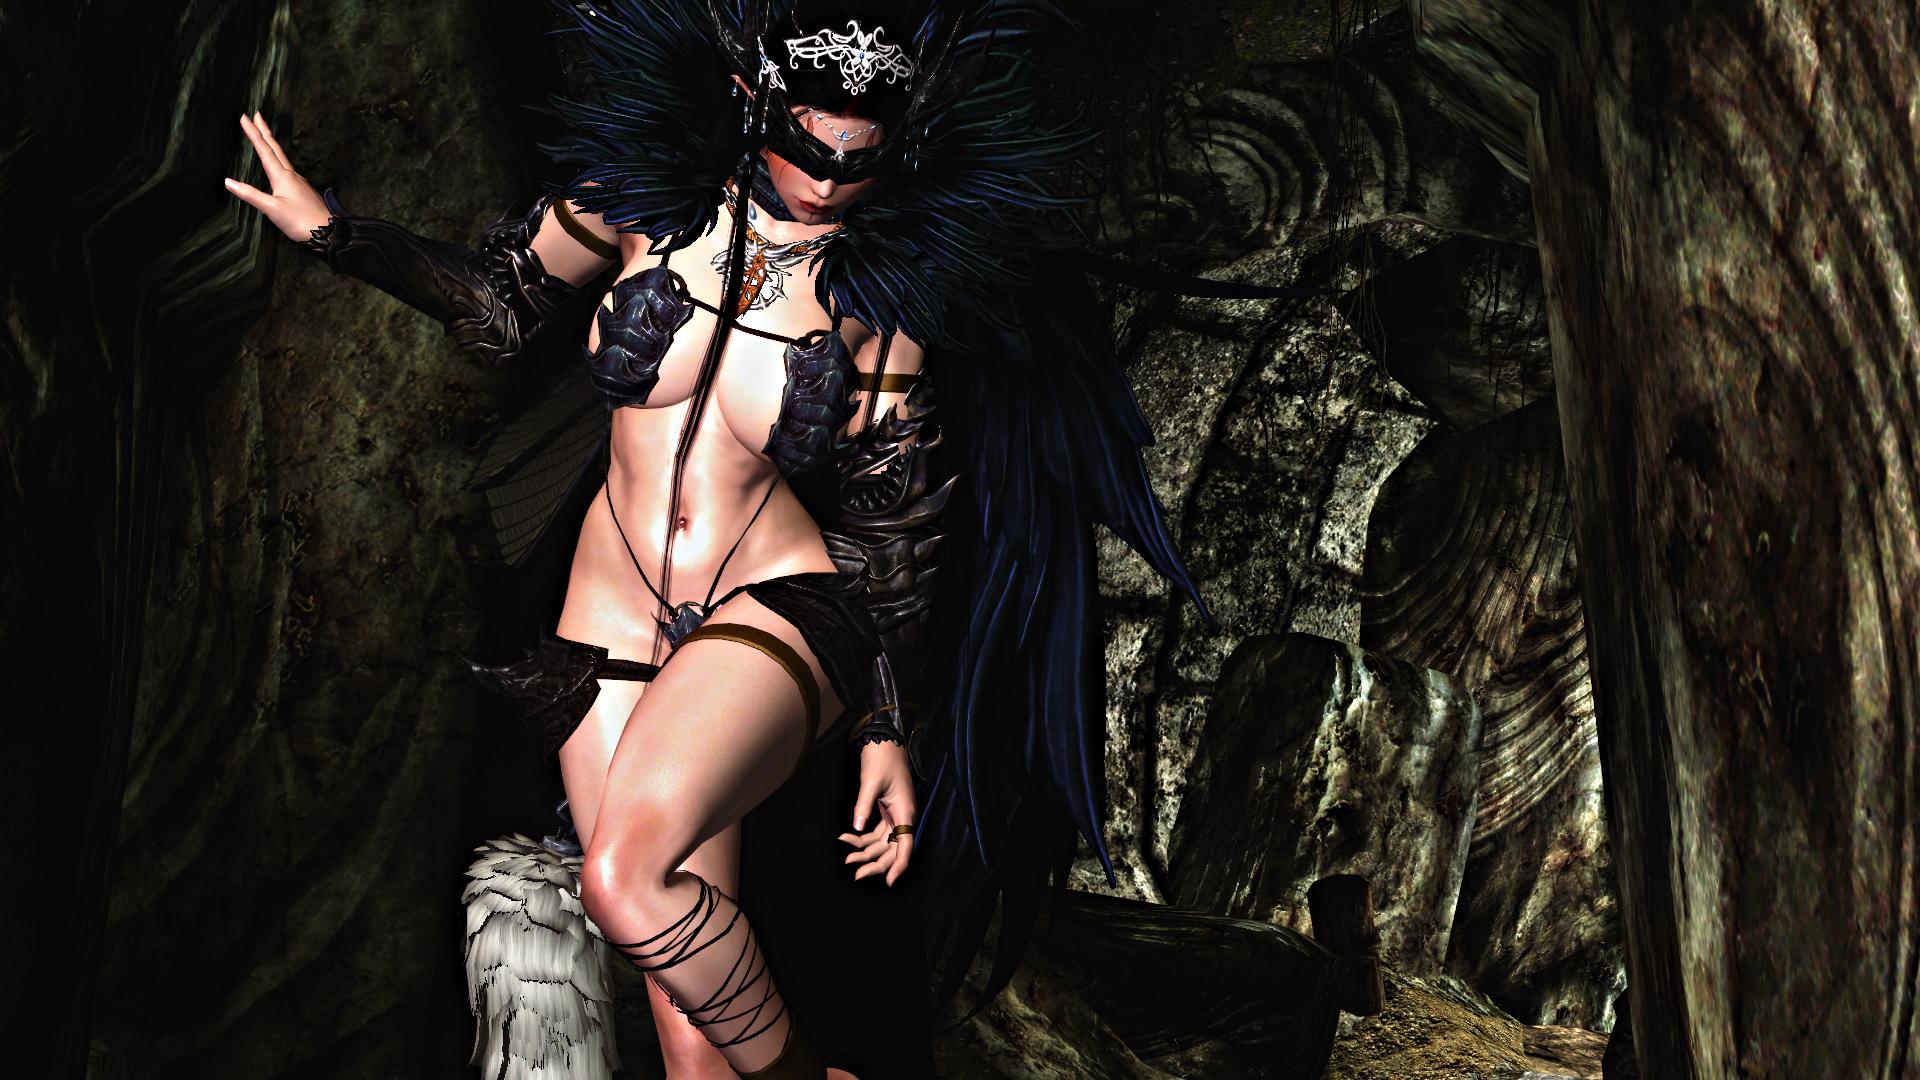 Ах, какая женщина! - Elder Scrolls 5: Skyrim, the